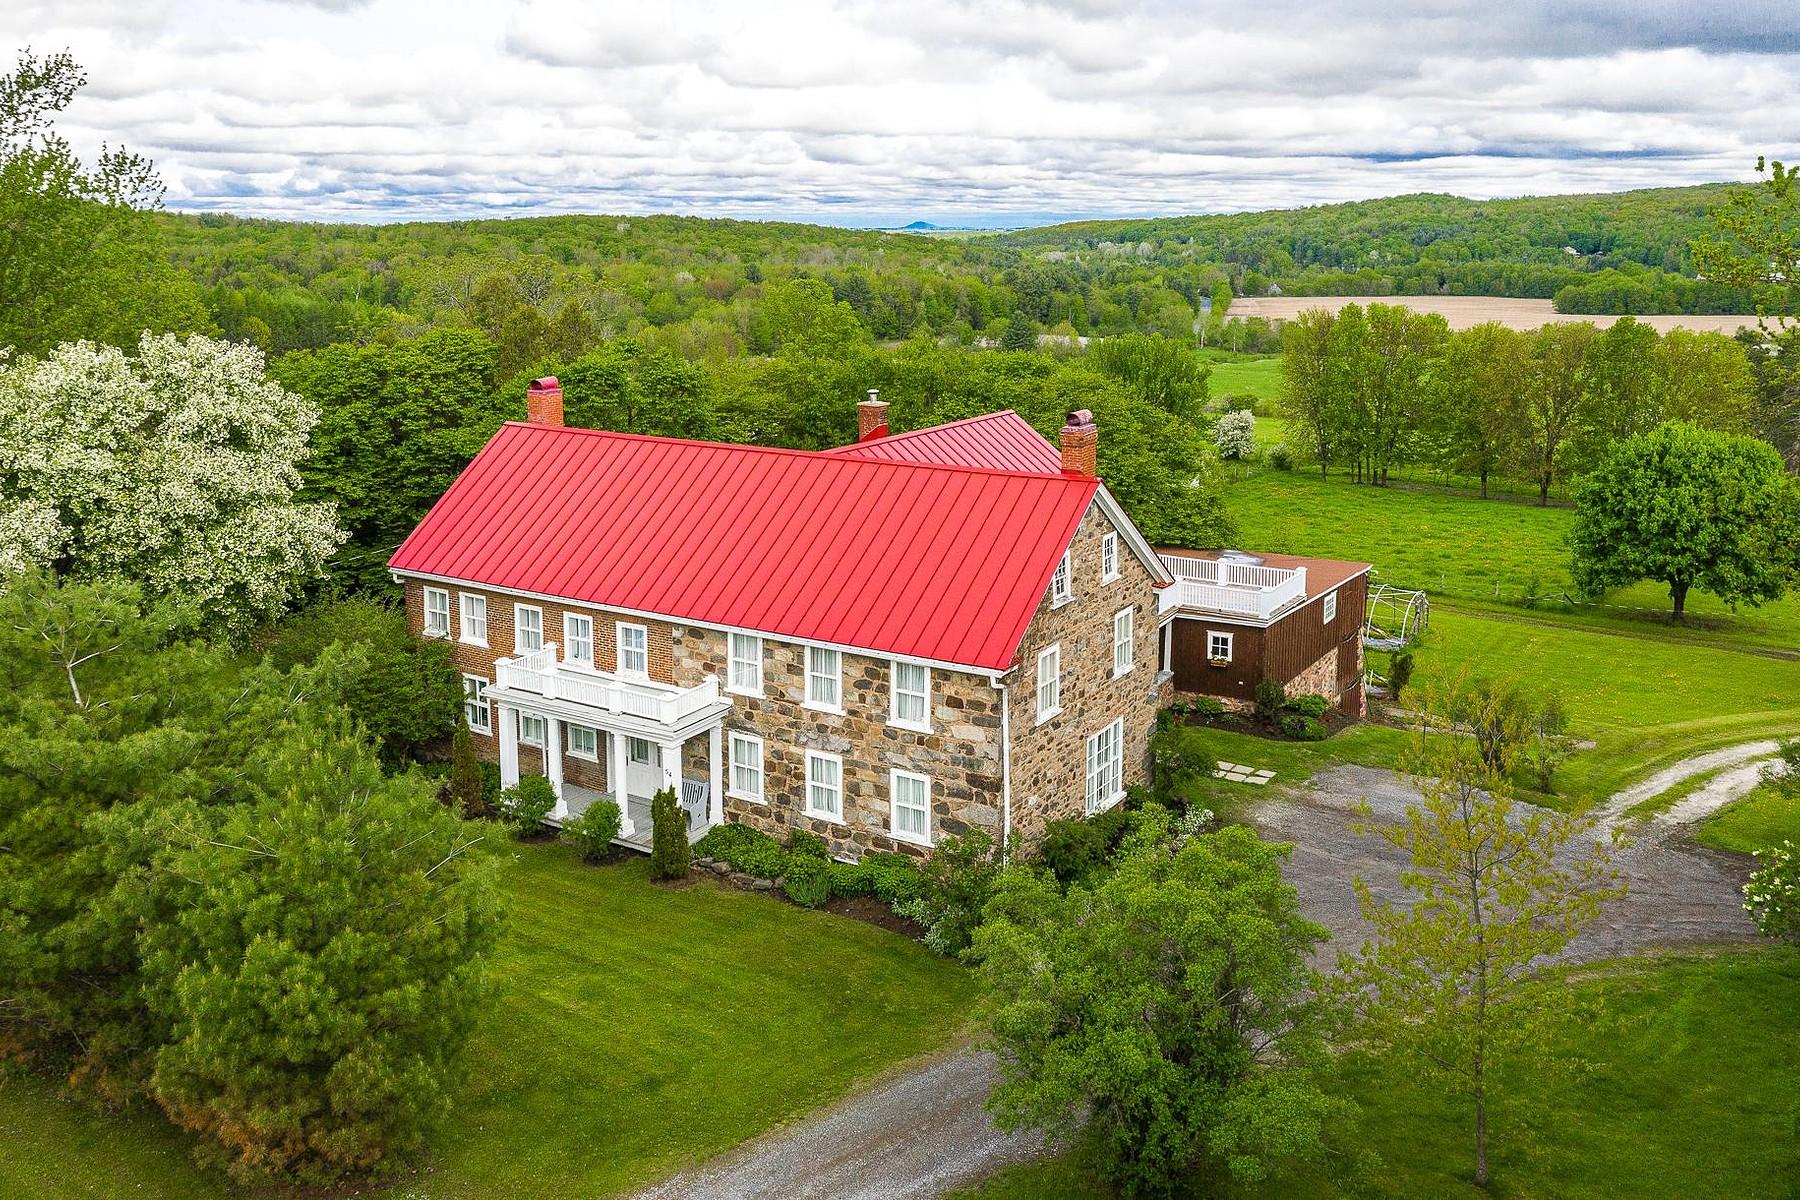 Farm / Ranch / Plantation for Sale at Frelighsburg, Montérégie 54 Ch. de St-Armand Frelighsburg, Quebec J0J1C0 Canada